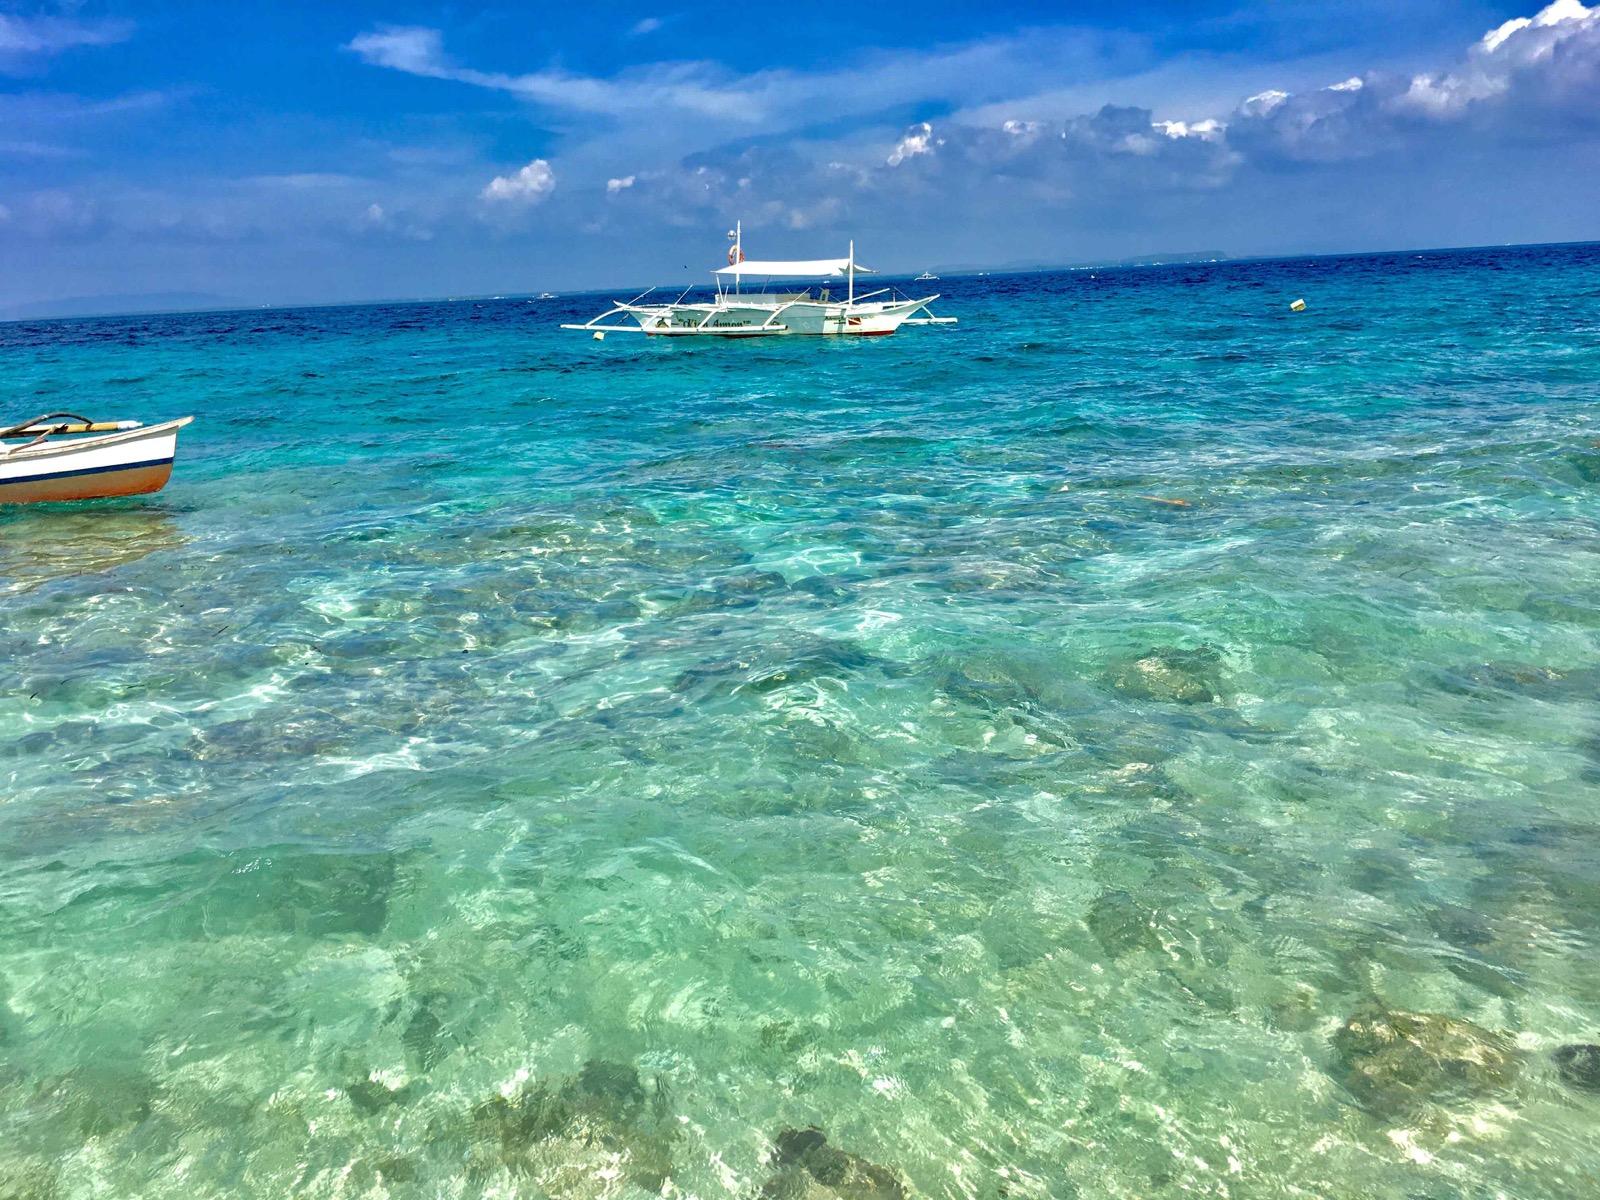 Soggiorno mare Isole di Bohol e di Boracay – Speciale Natale e Capodanno